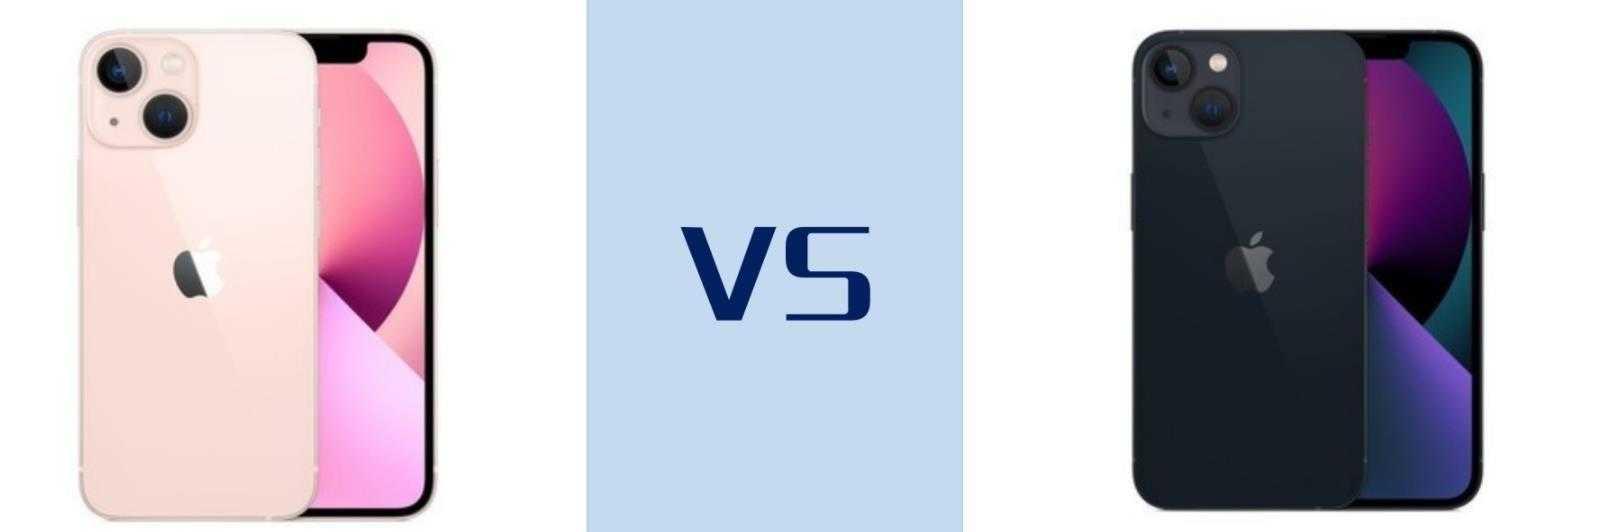 苹果13和13mini有什么区别_苹果13和13mini有什么不同